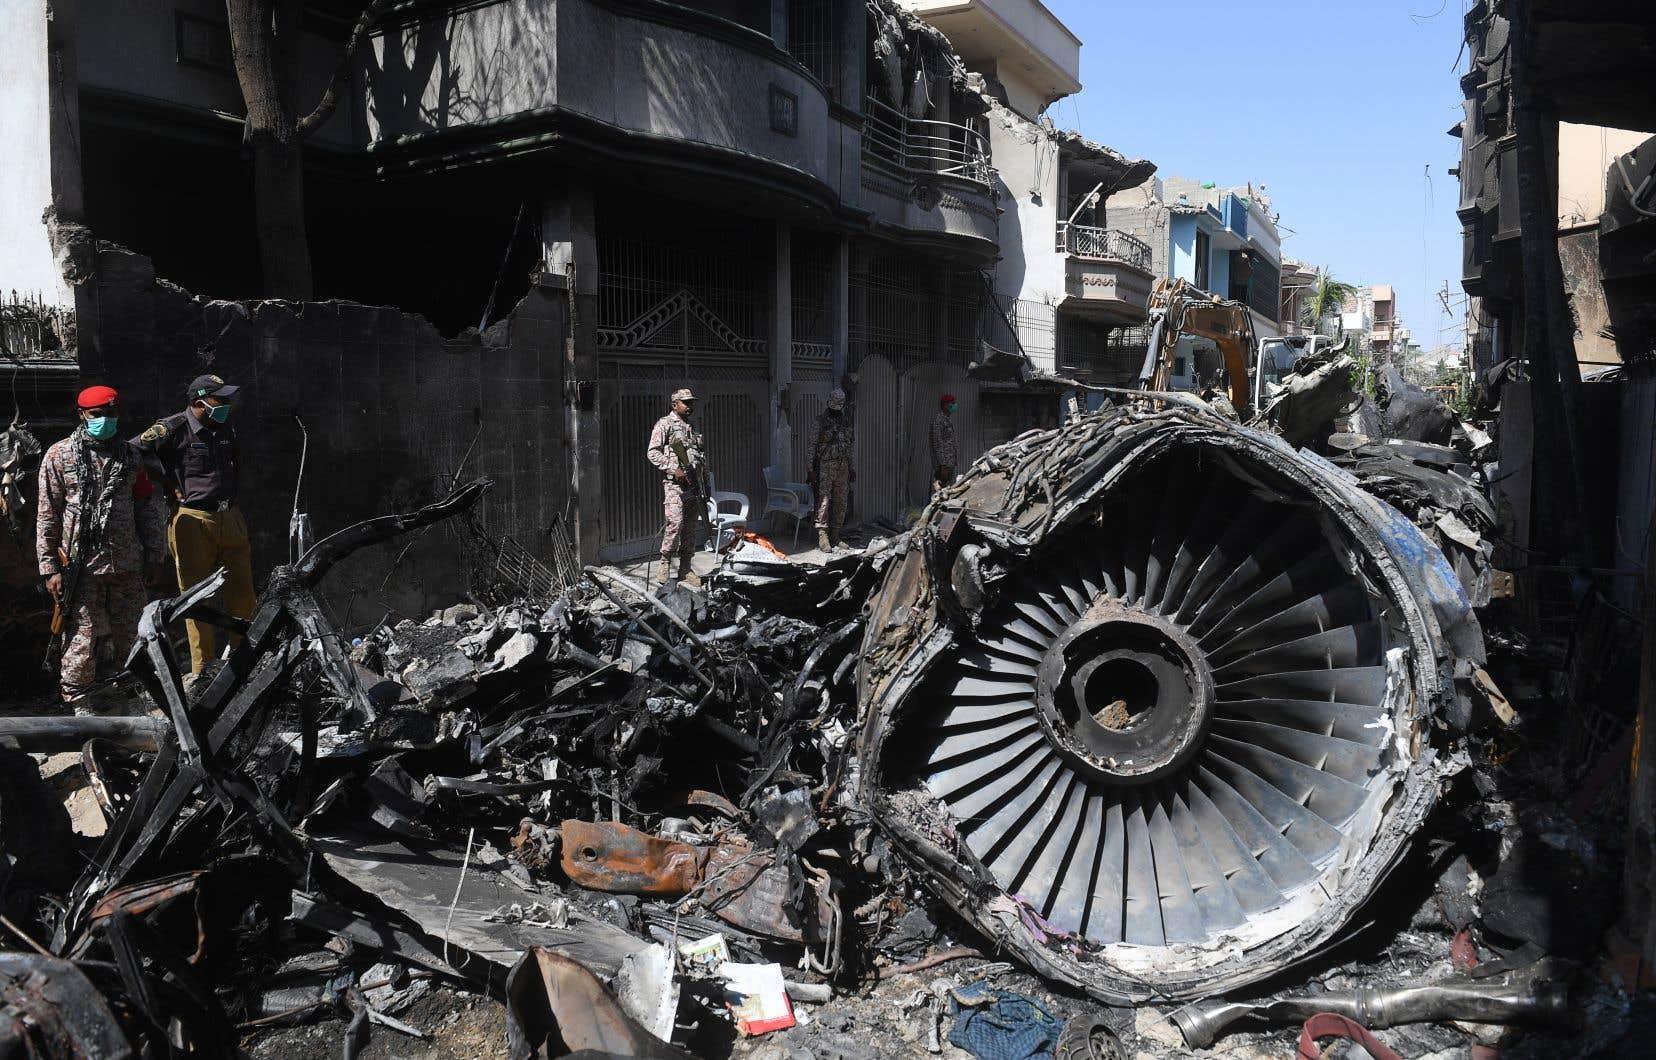 L'appareil s'est écrasé sur une zone résidentielle, à 1,3km de la piste d'atterrissage, tuant 97 des 99 personnes à bord, dont huit membres d'équipage.